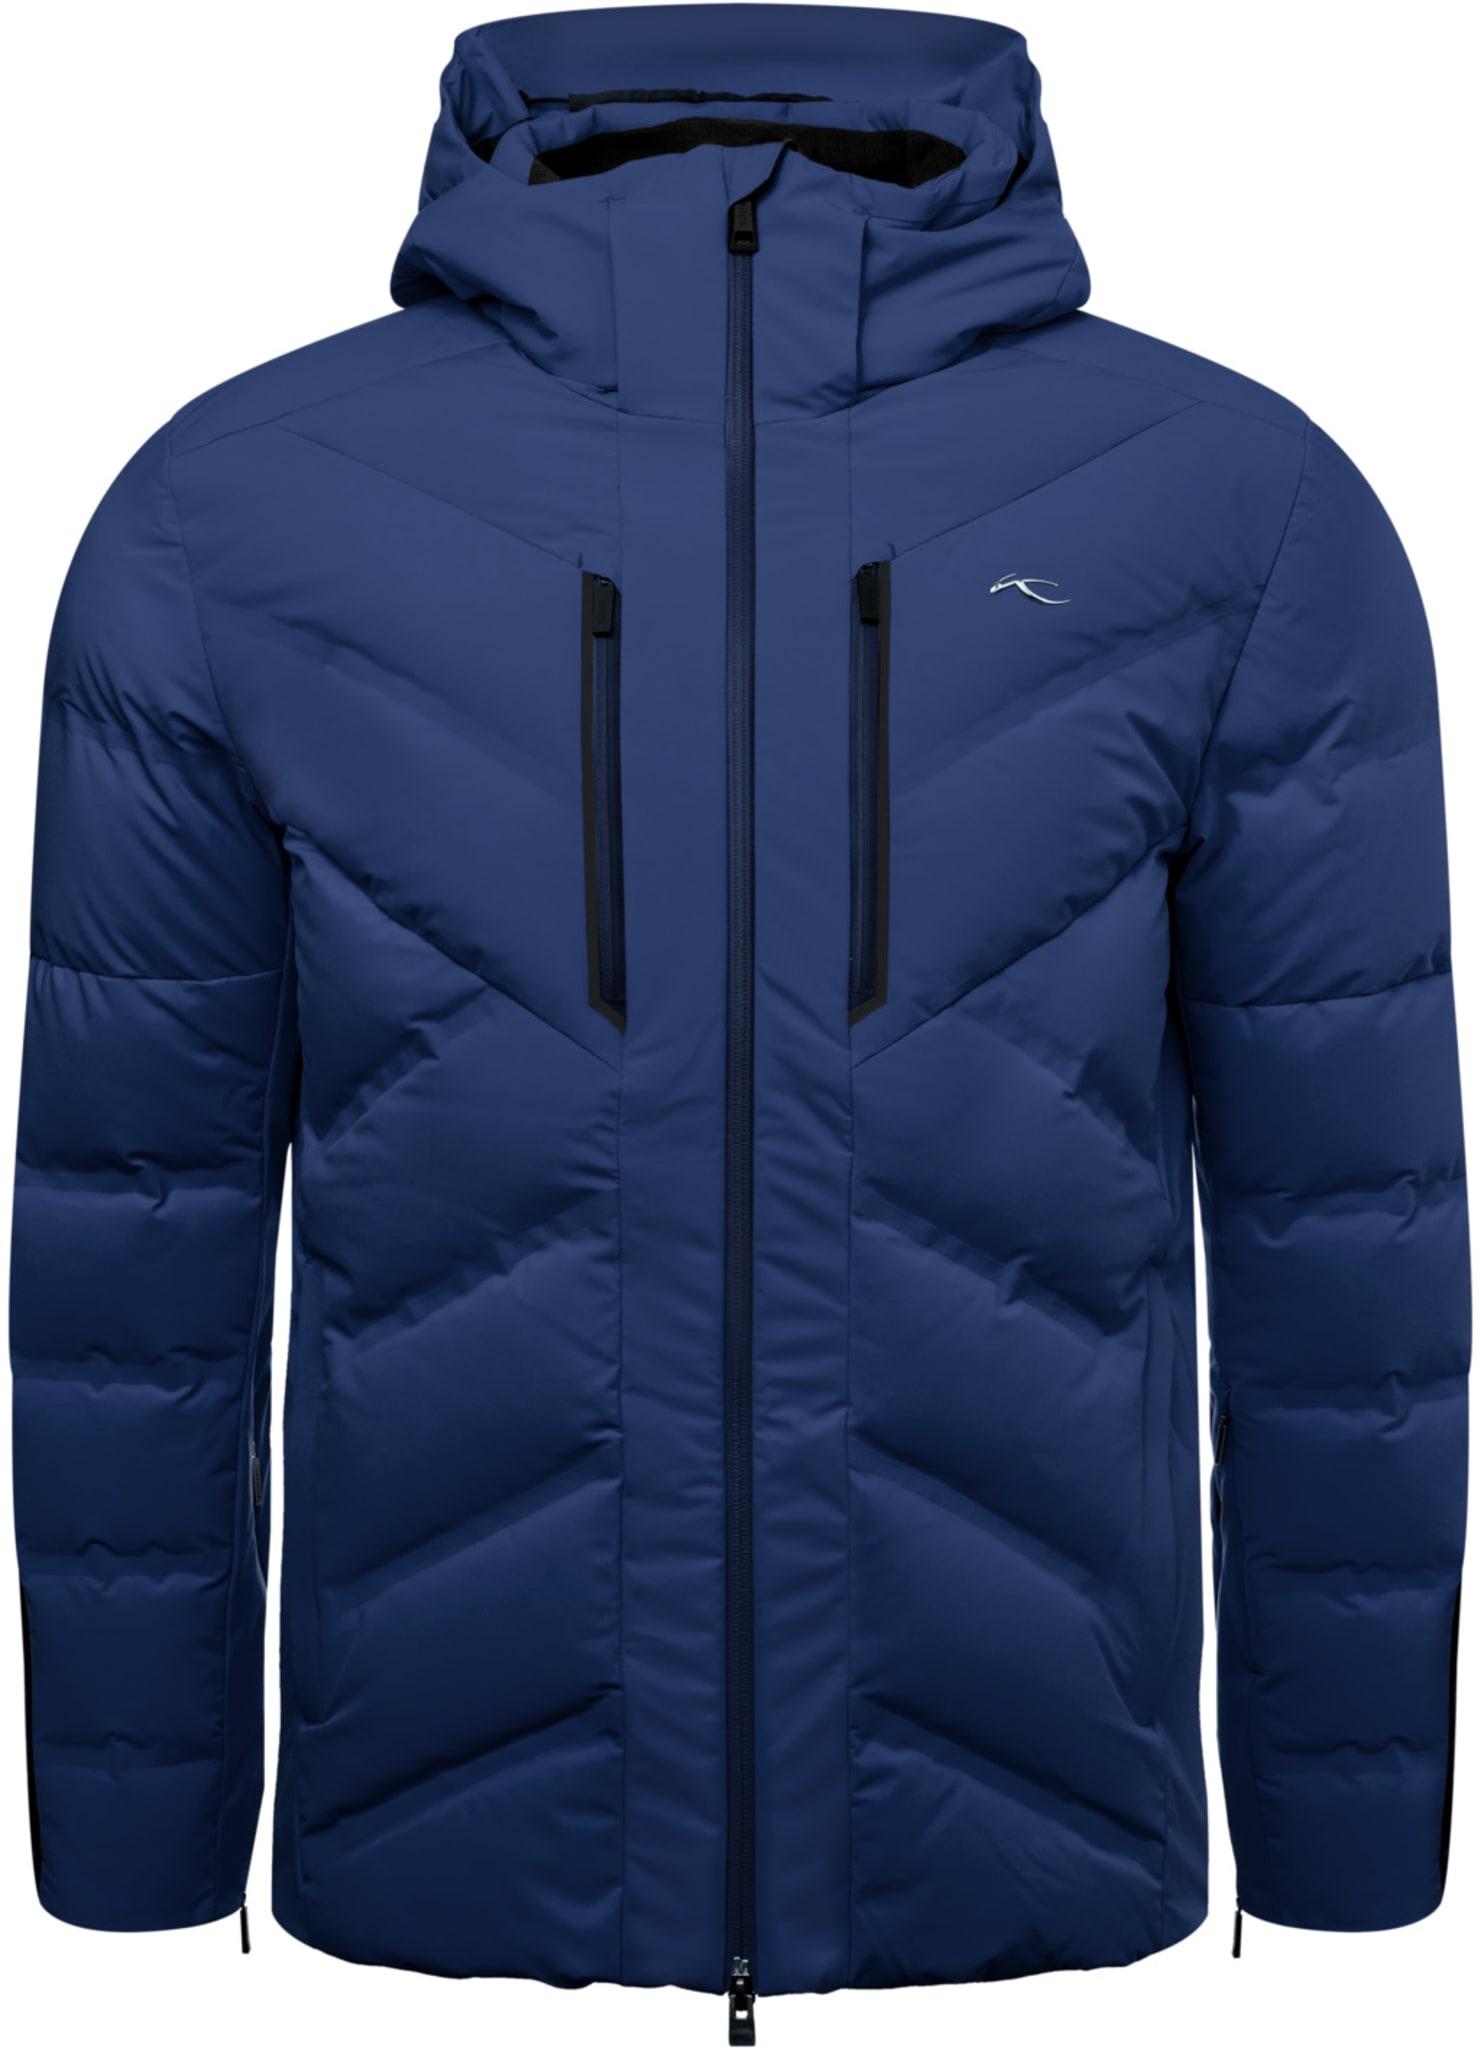 Linard Jacket Men